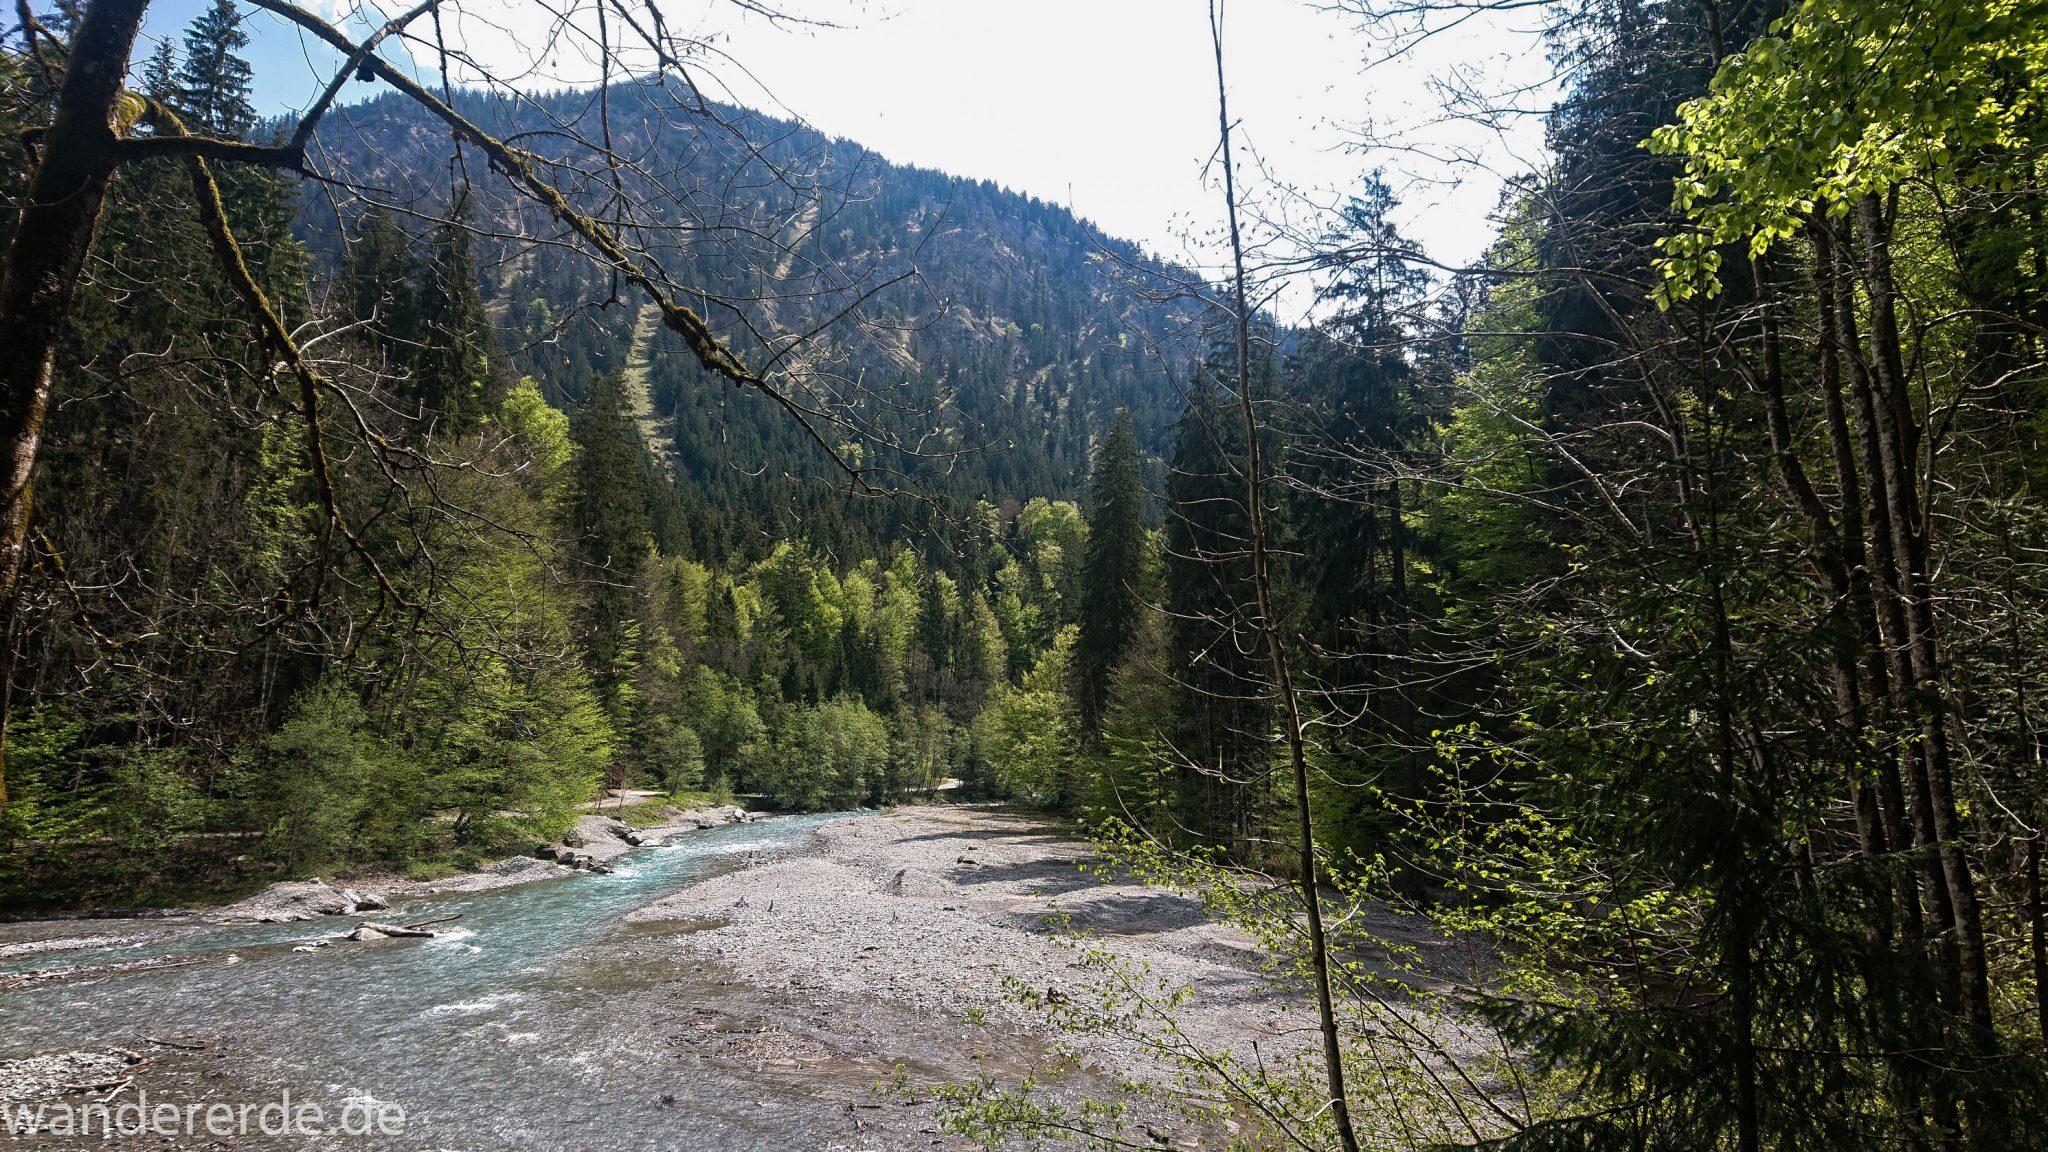 Wanderung Oberstdorf nach Gerstruben im Allgäu, Bayern, Wanderweg durch das Trettachtal, Aussicht auf Berge und Fluß Trettach, Ufer mit schönen Bäumen, sattgrüner Wald, Frühling in den Bergen